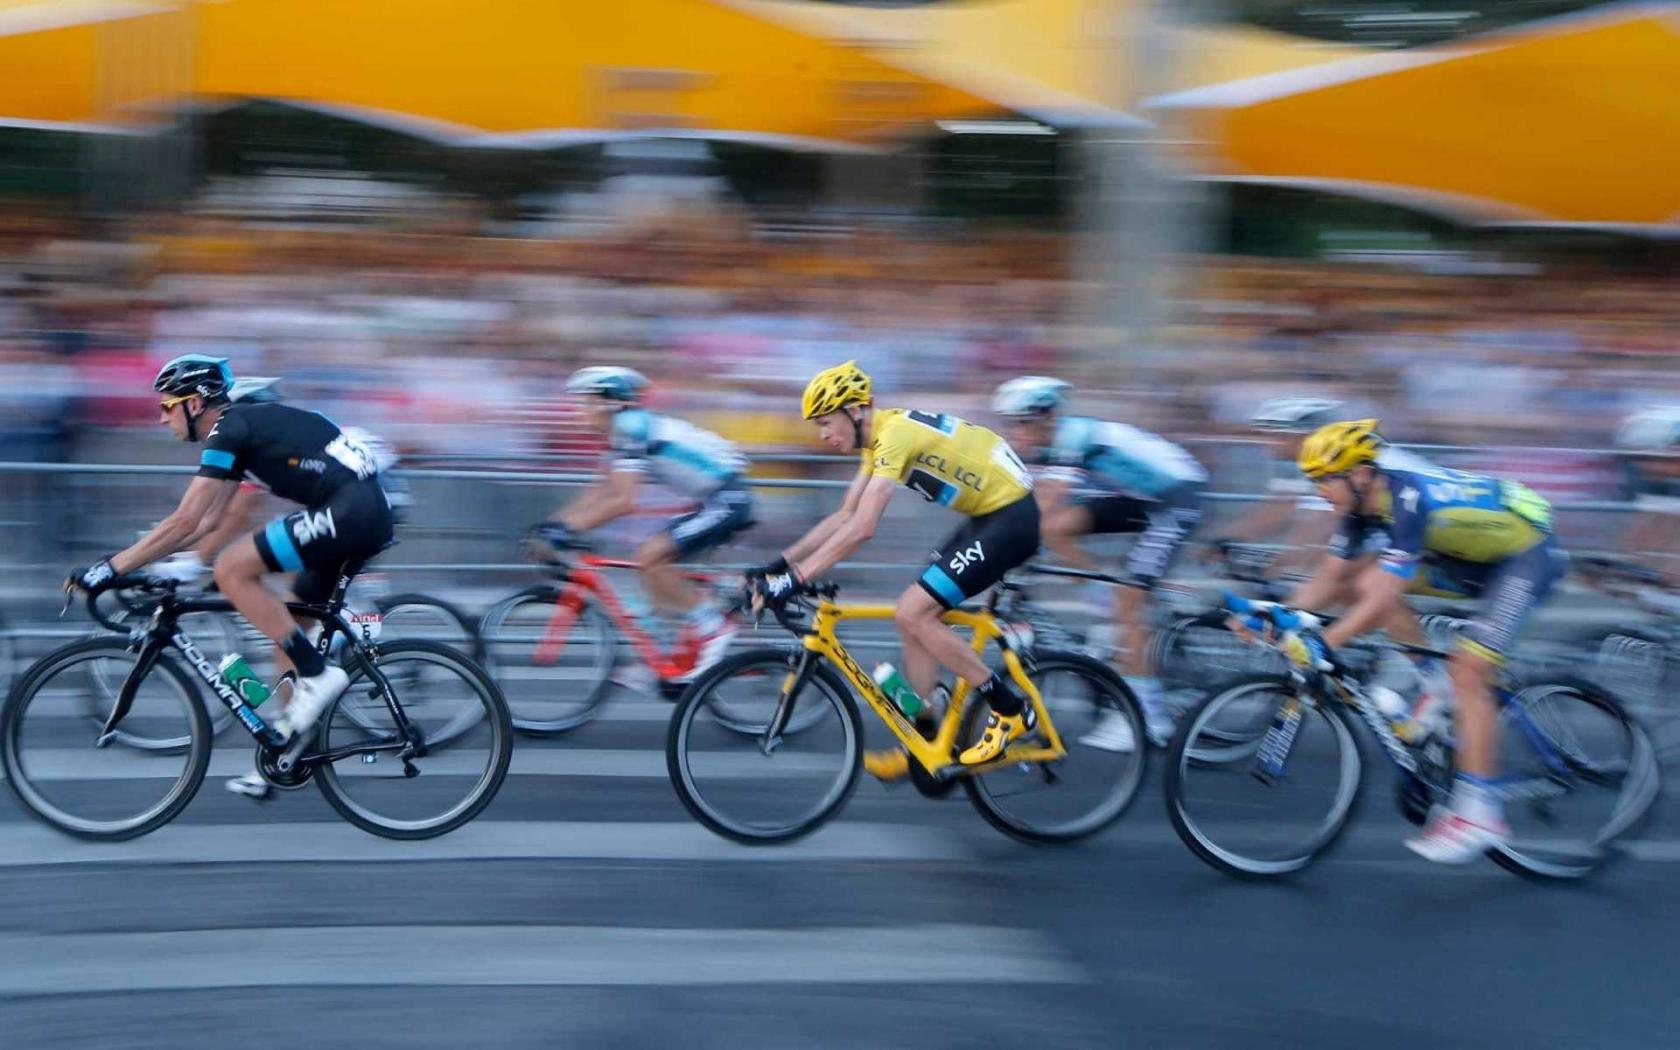 Ciclistas en competencia - 1680x1050